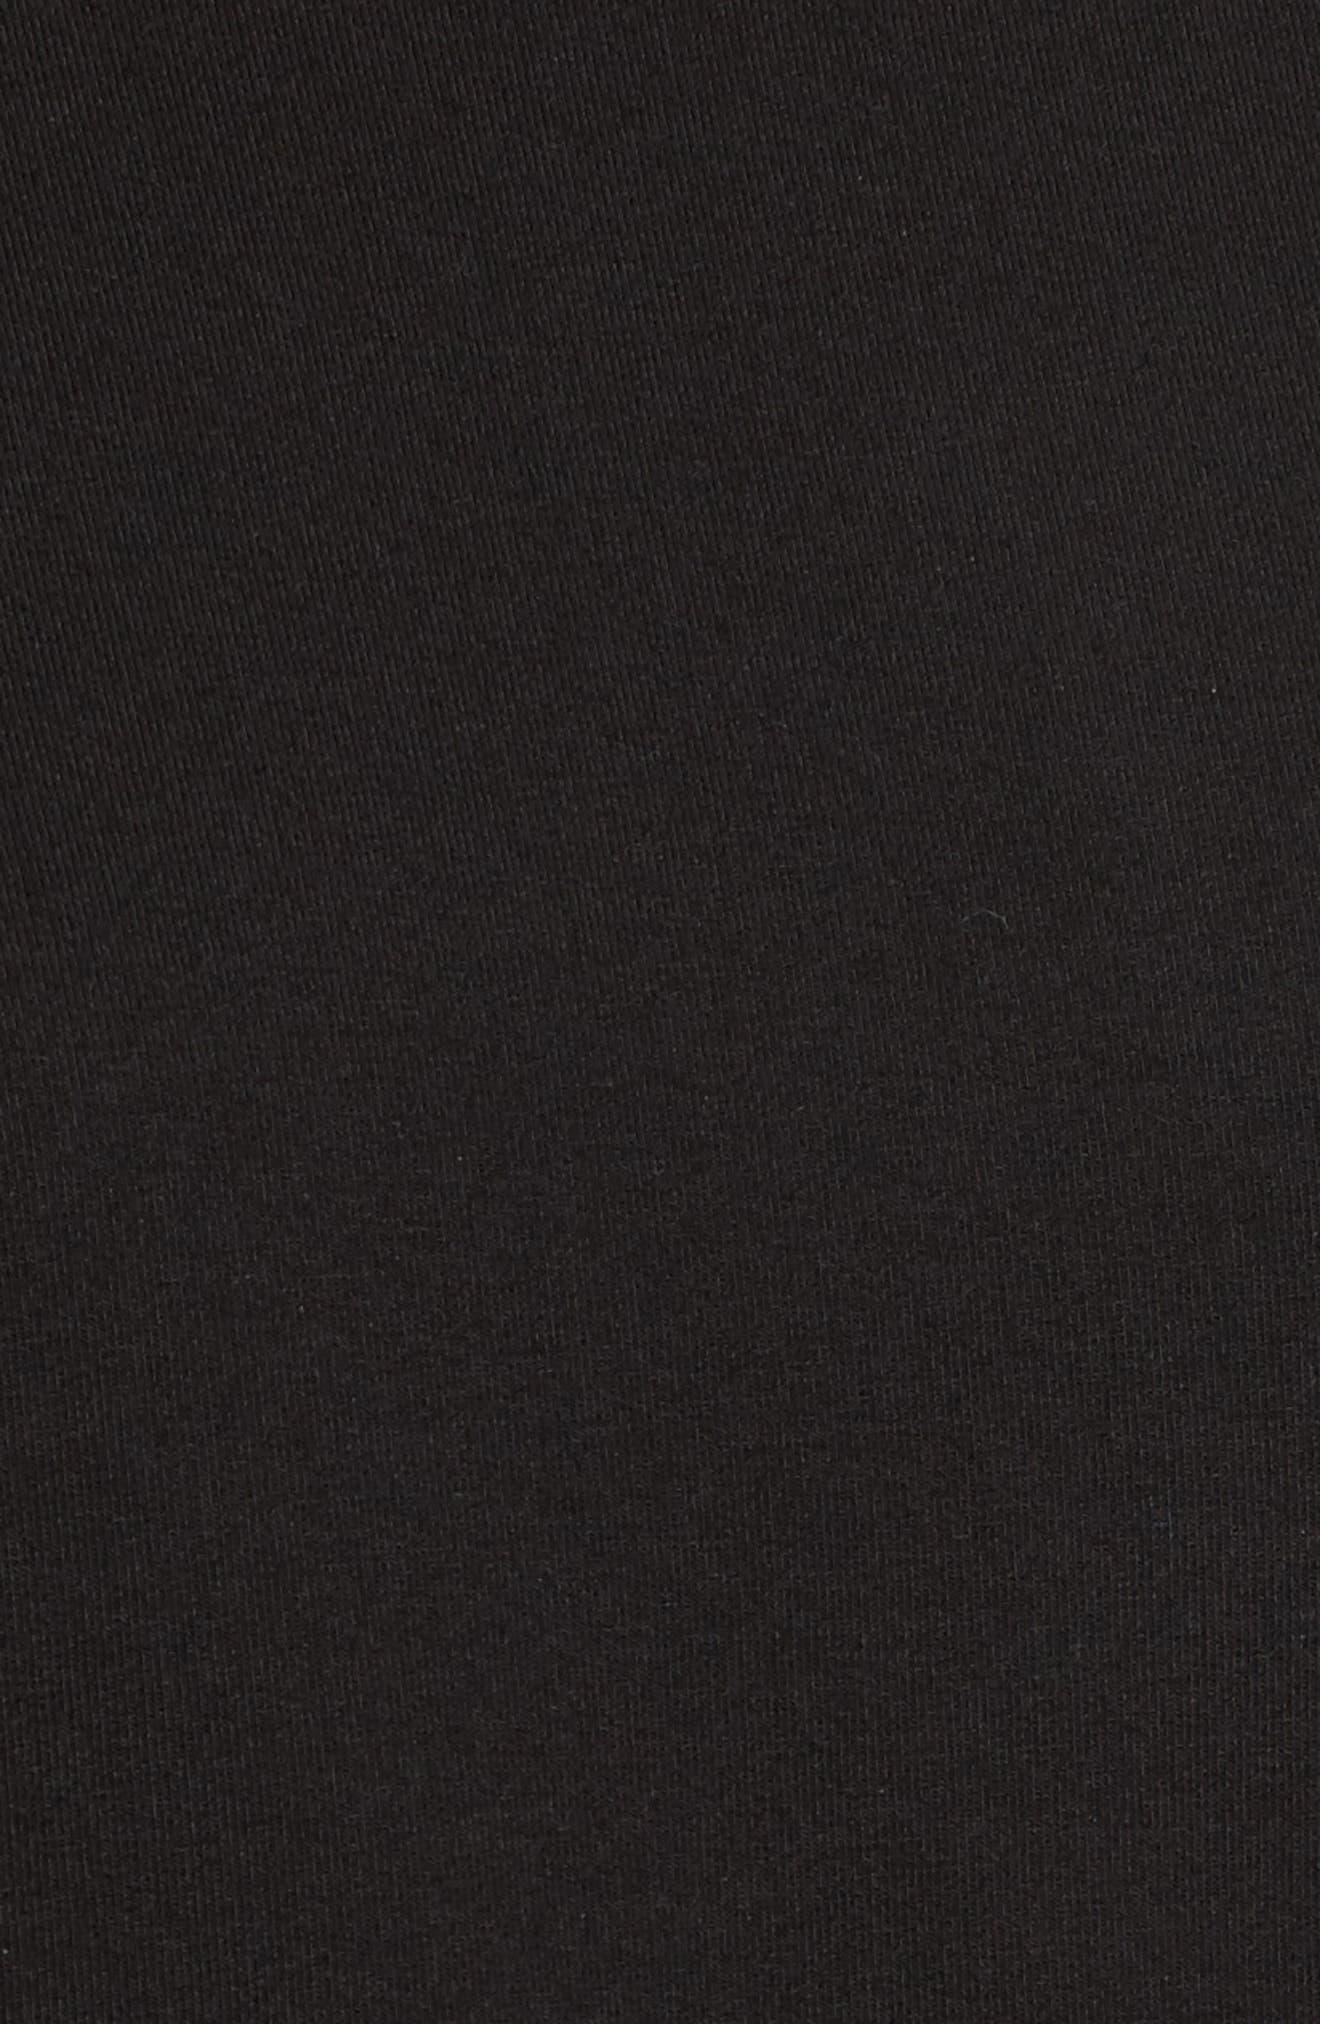 Grommet Tie Sleeve Sweatshirt,                             Alternate thumbnail 5, color,                             001